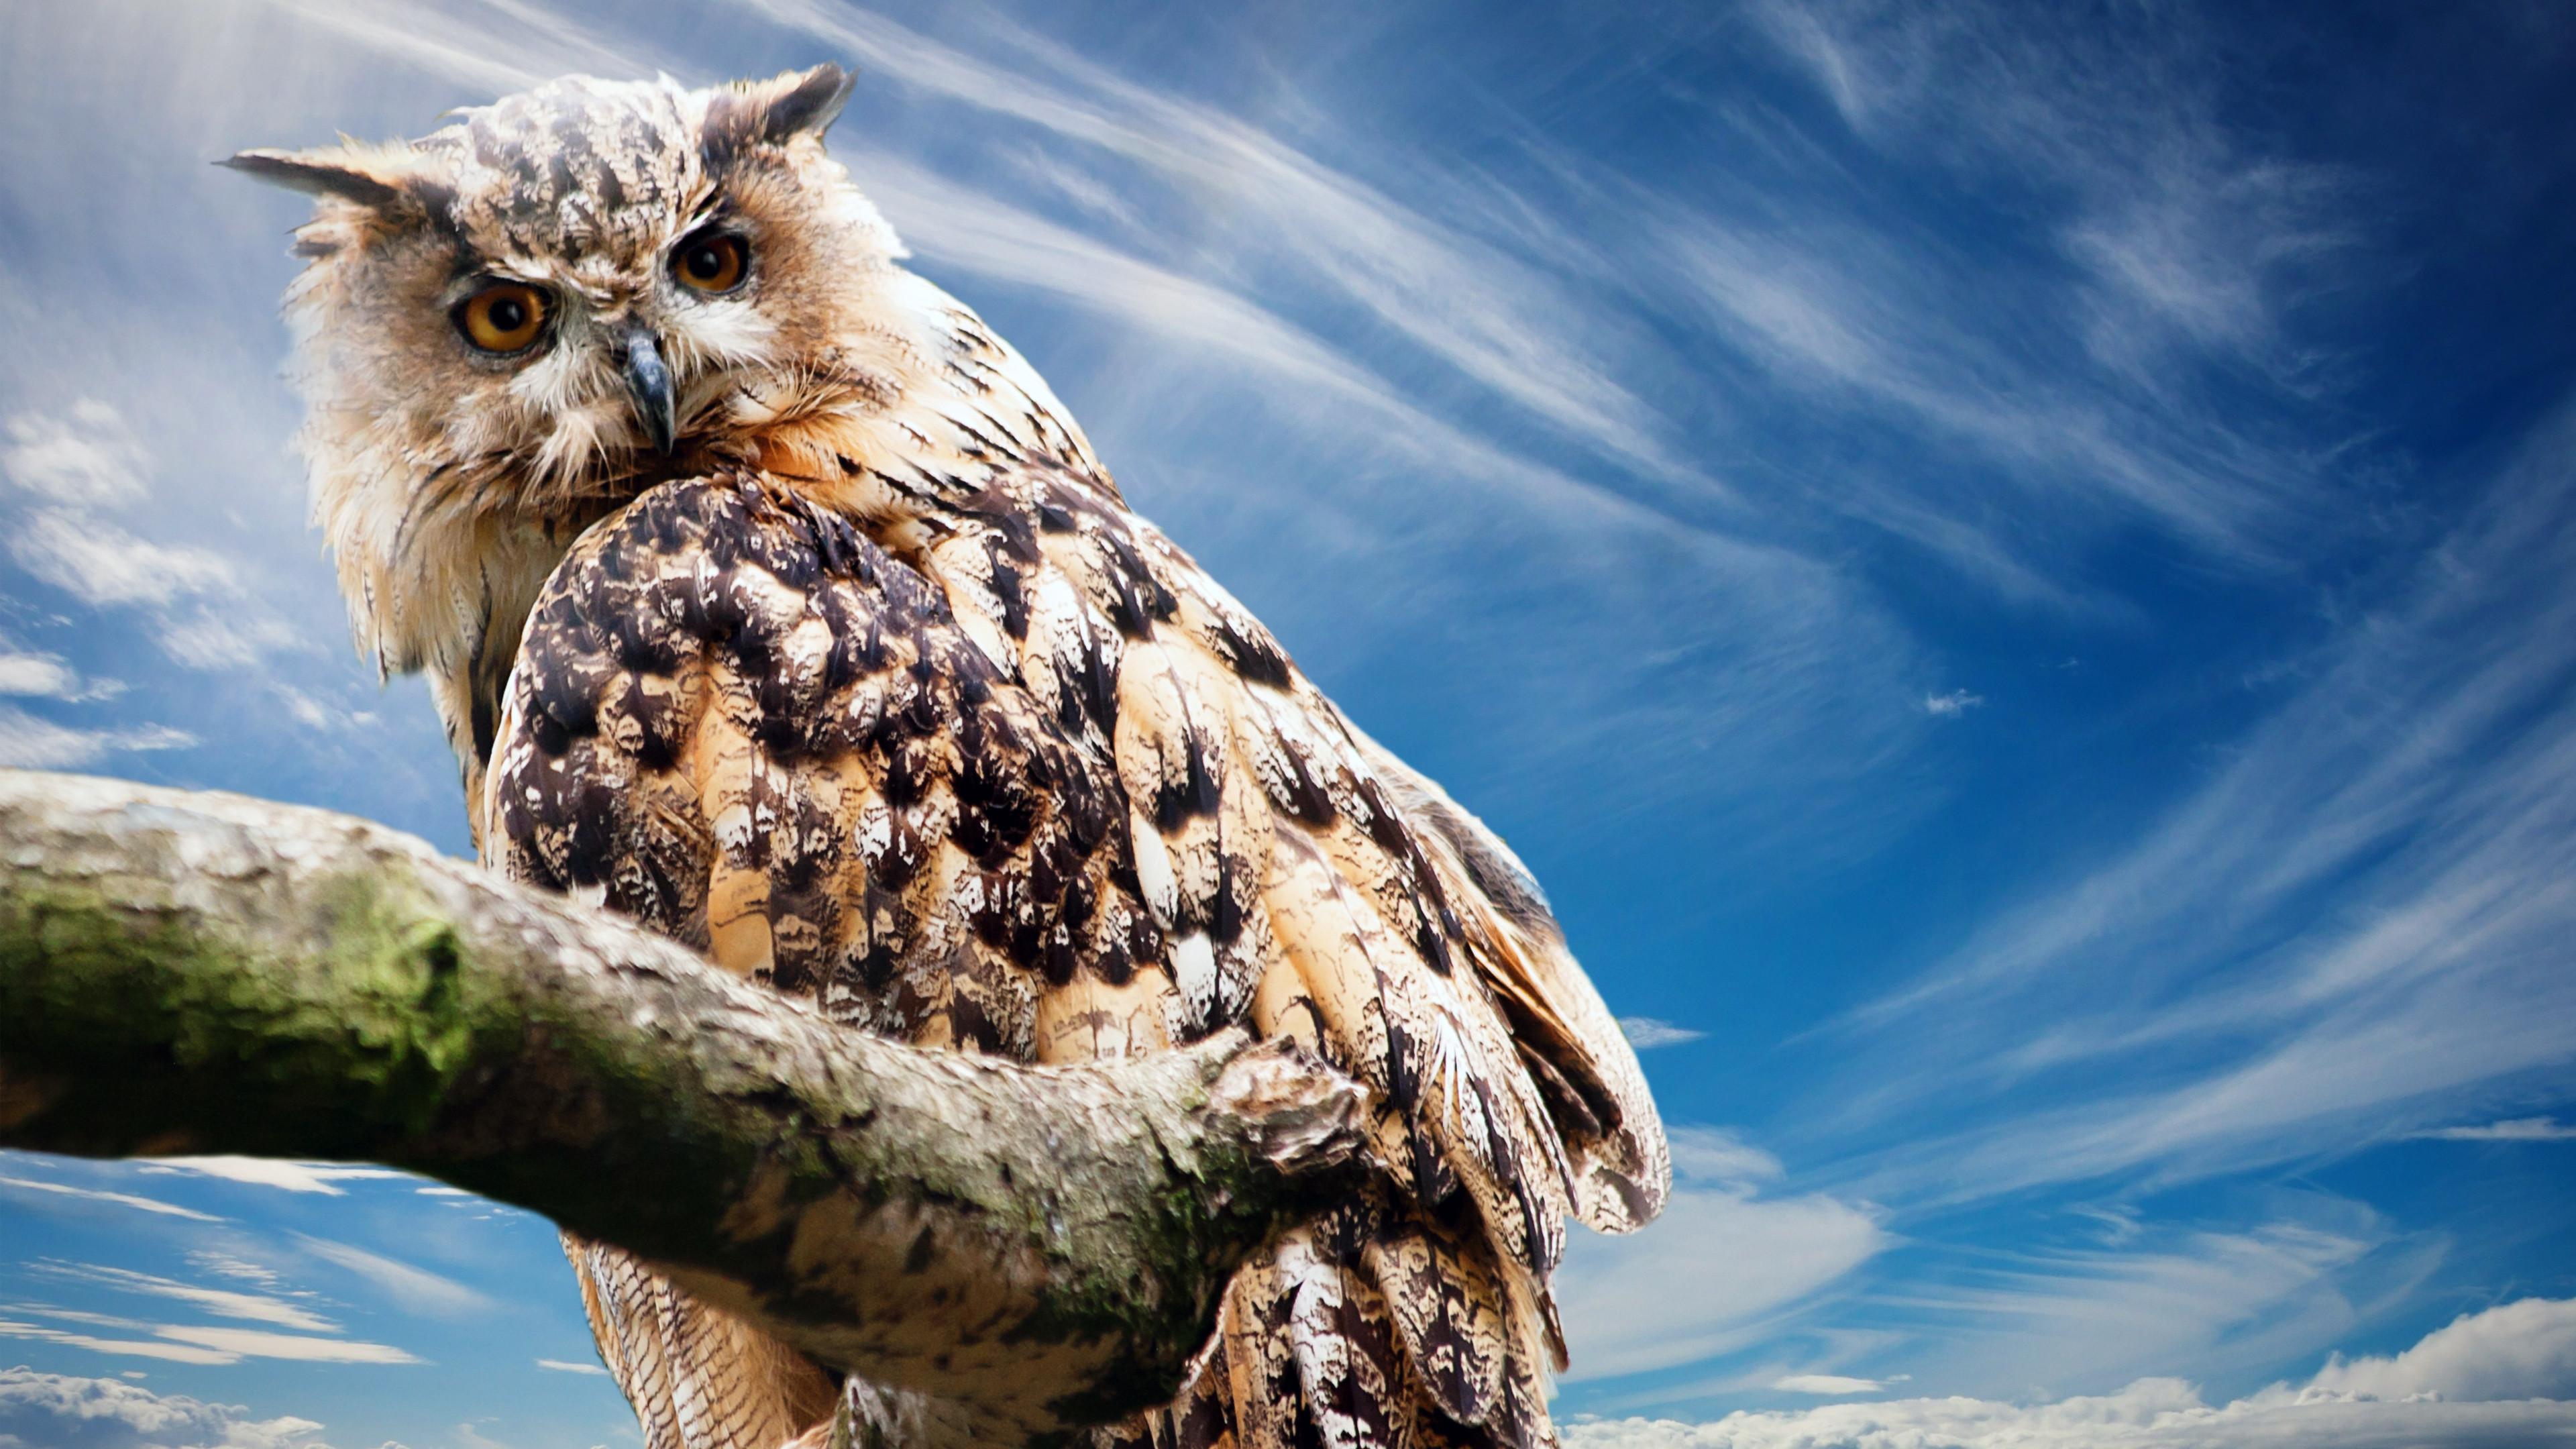 Cute snowy owl wallpaper